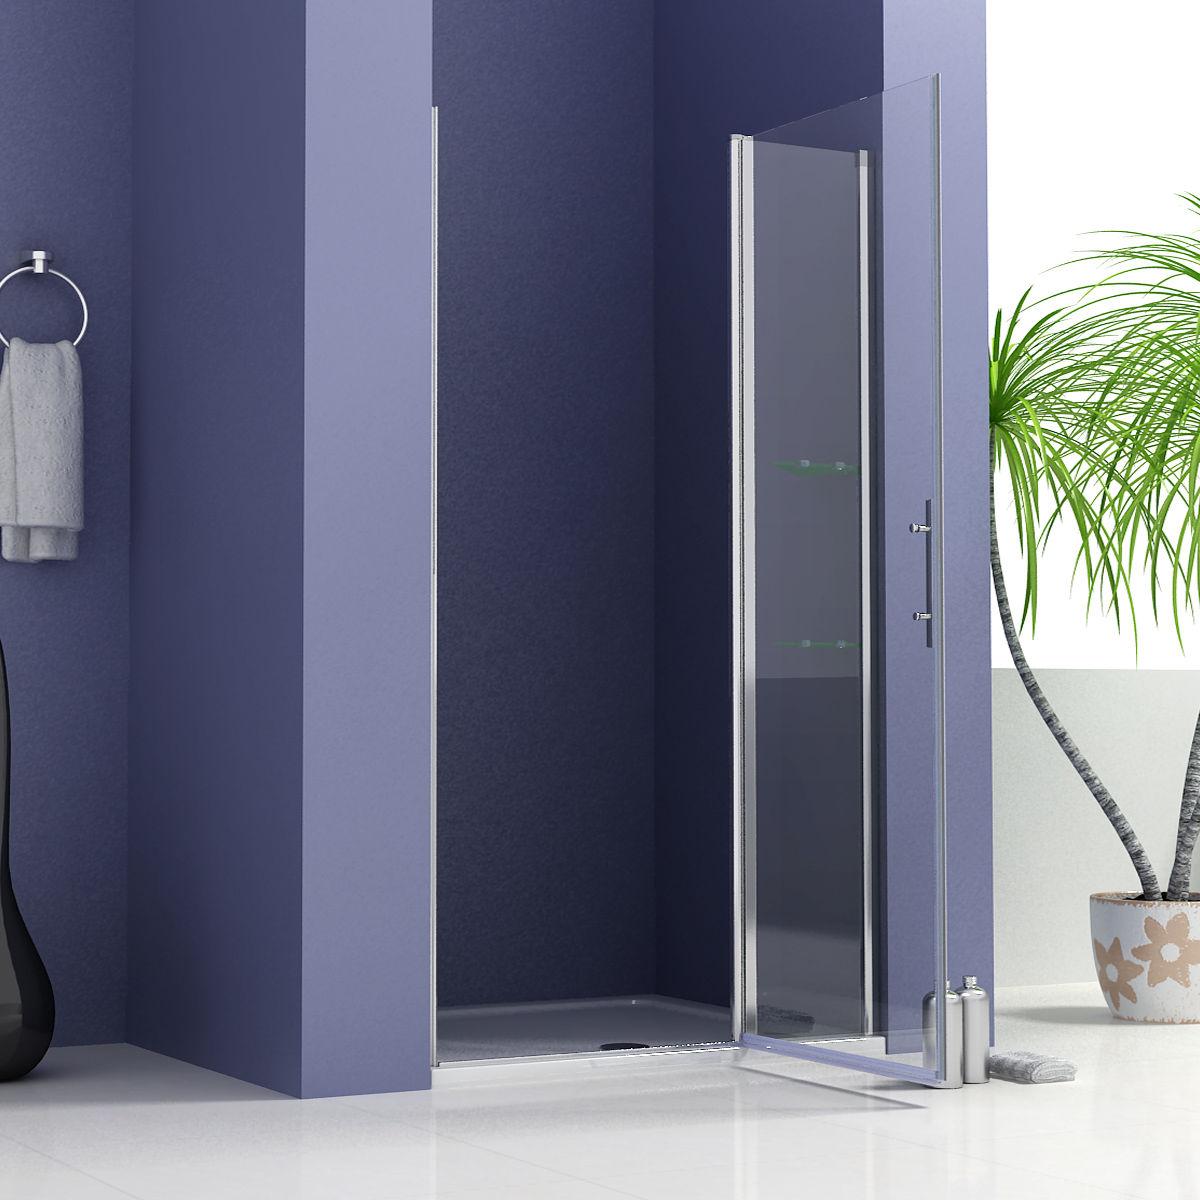 Dusche Pendelt?r Schwingt?r : Frameless Pivot Shower Doors with Side Panel